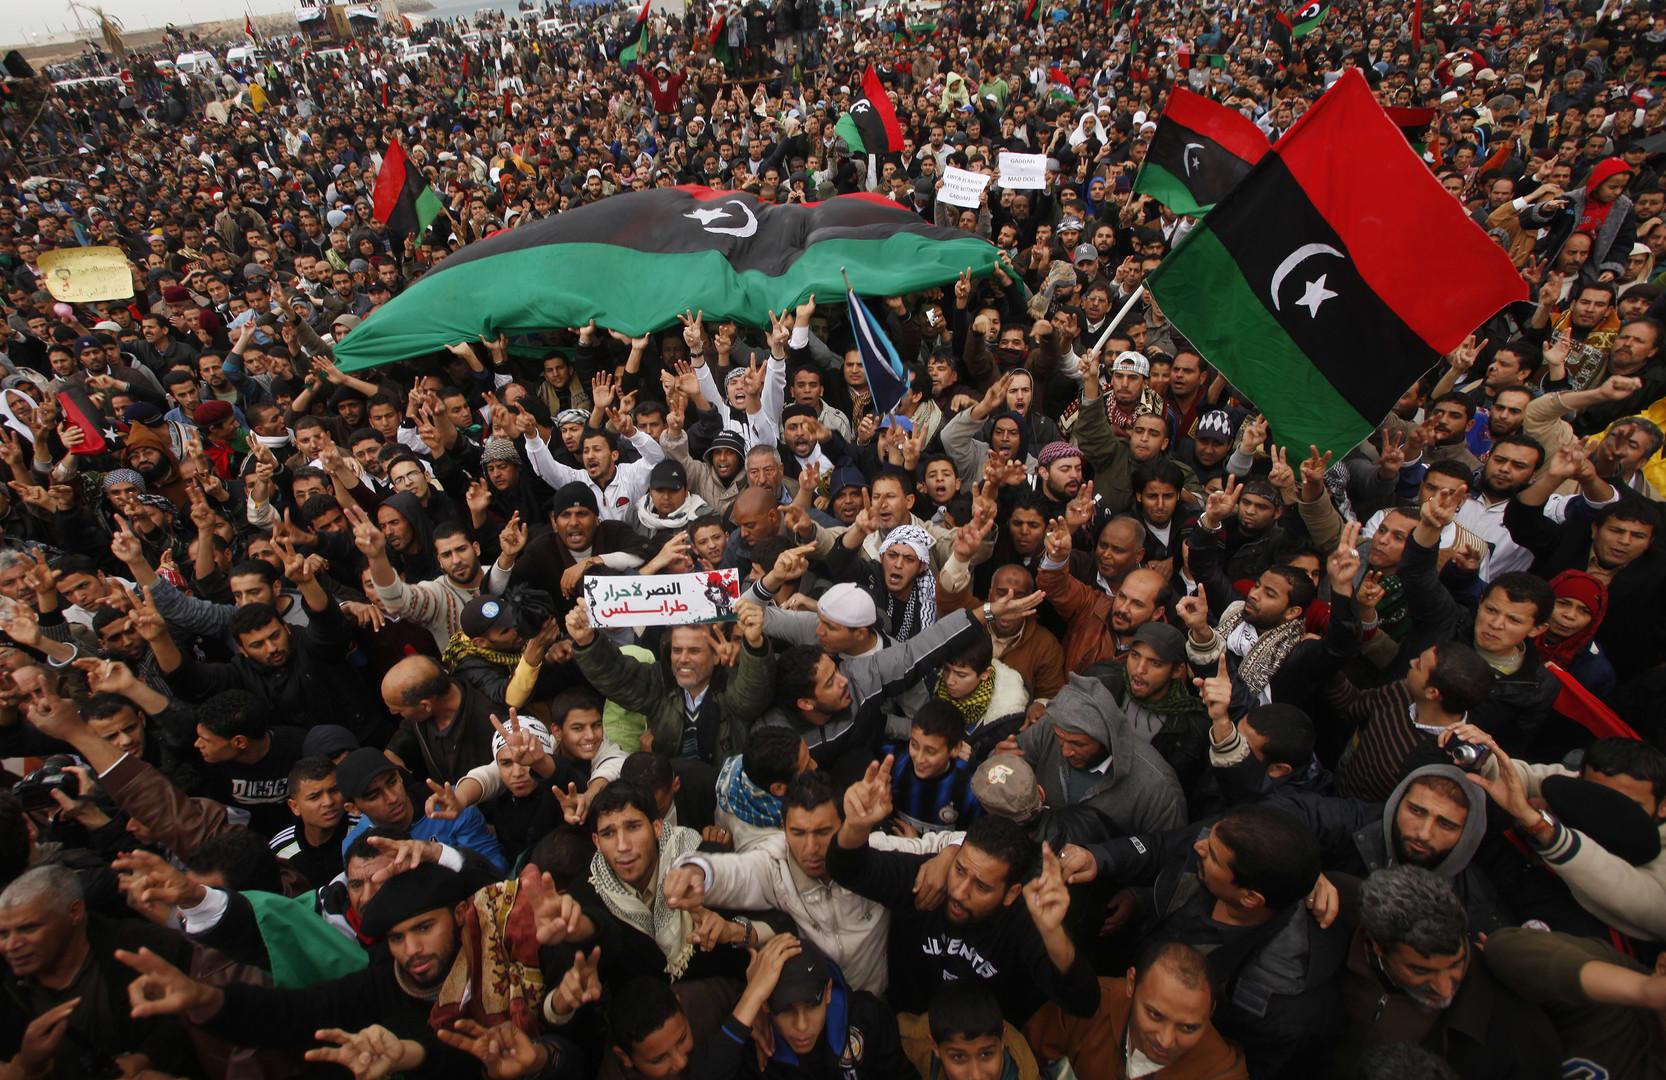 Il y a quatre ans, le colonel Kadhafi imaginait déjà le chaos de la Libye d'aujourd'hui